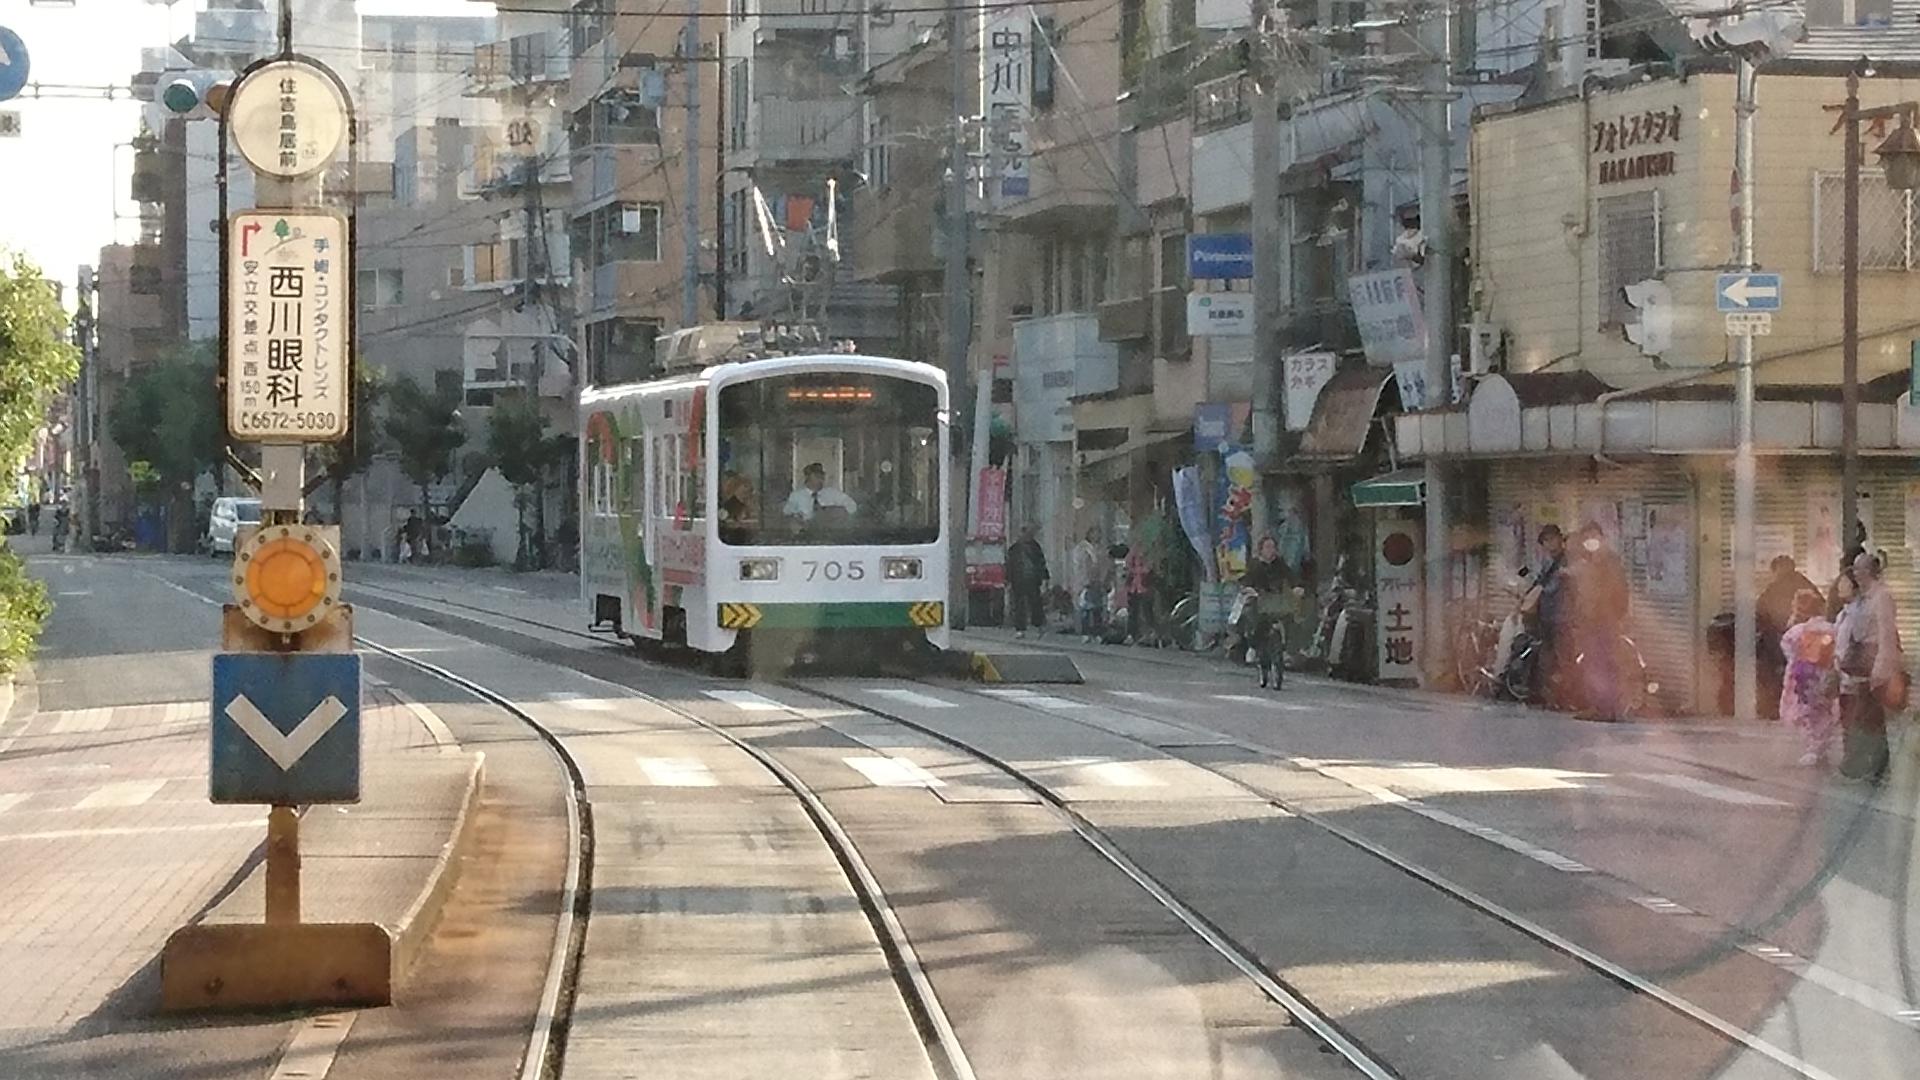 2016.11.12 阪堺電車 (10) 住吉鳥居前 1920-1080